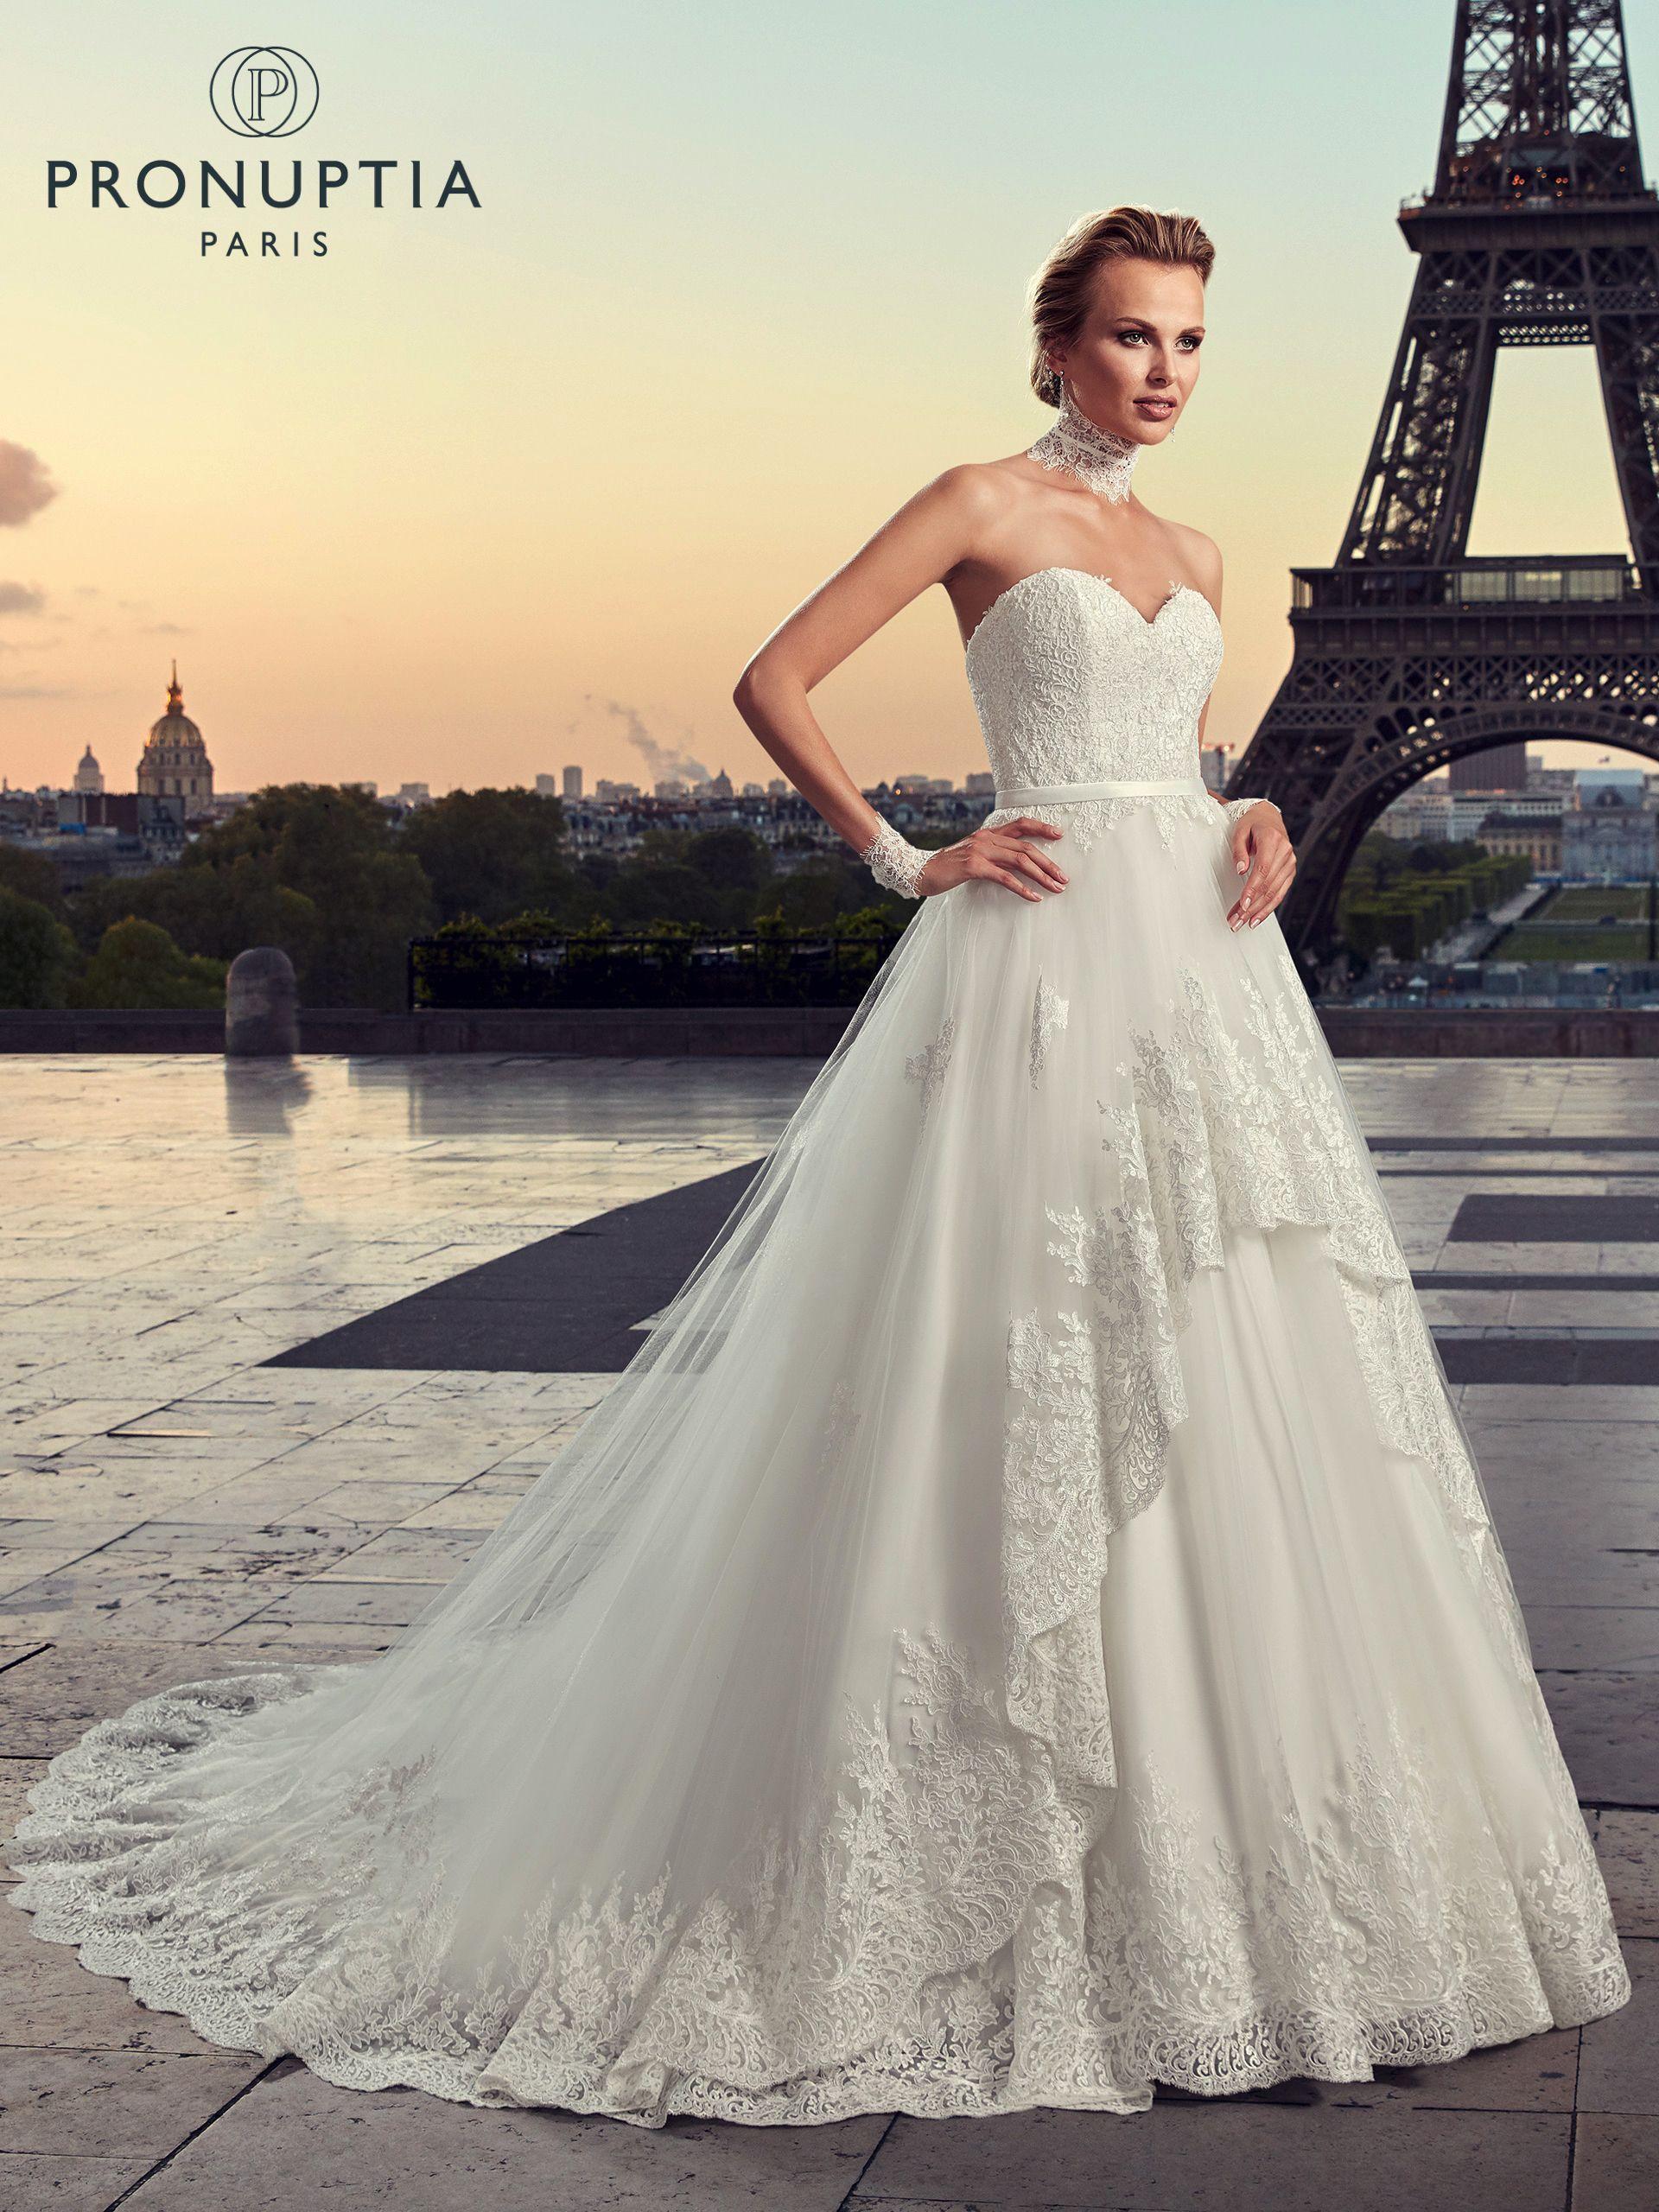 dernière vente styles divers meilleur choix Robe de mariée Rodin, robe de mariée princesse - Pronuptia ...